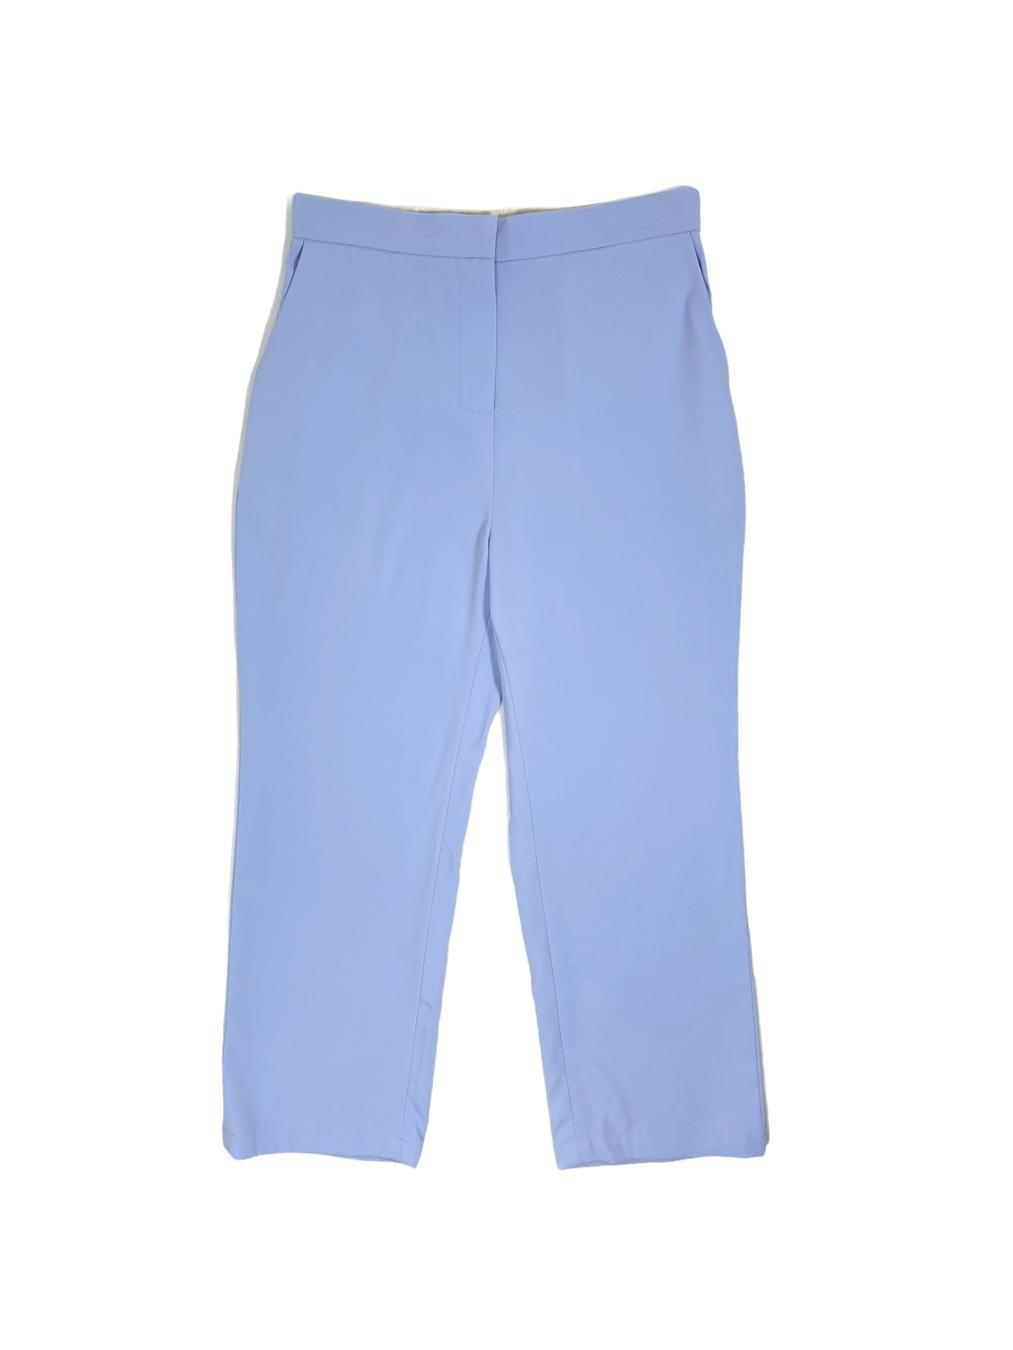 Sydney Pants (Blue Sky)